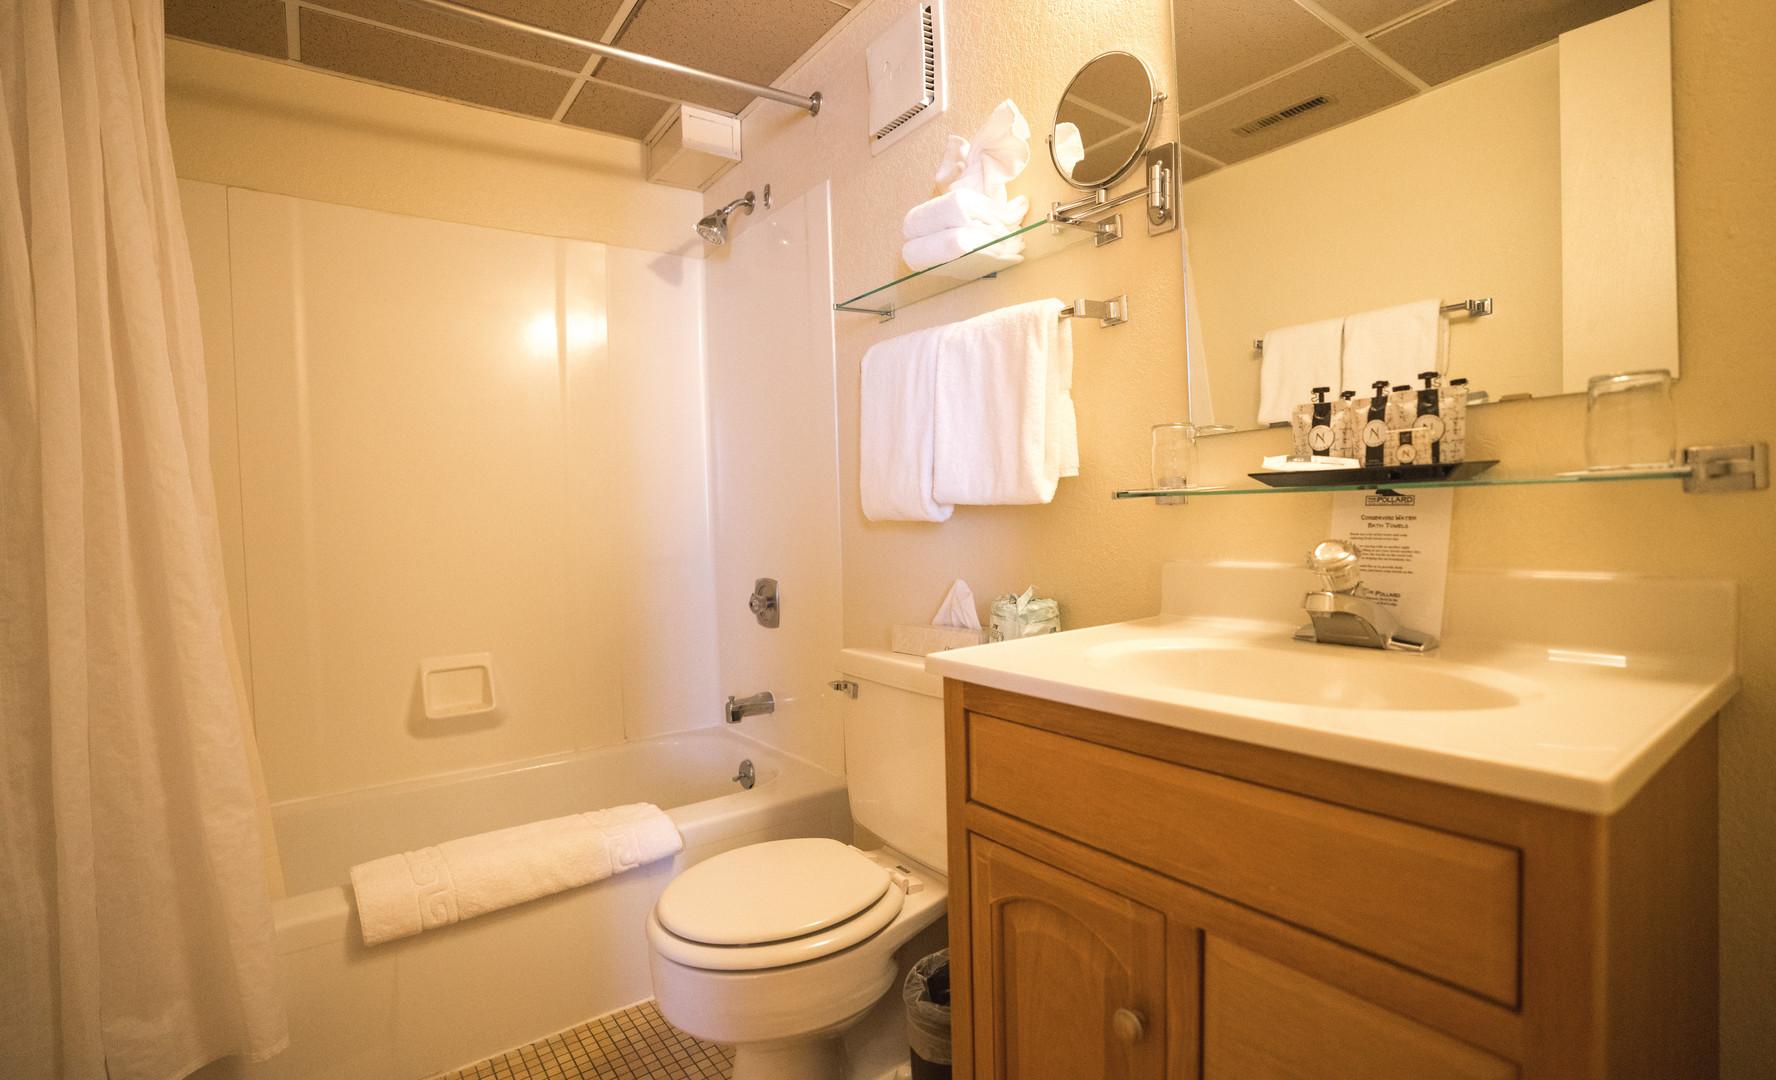 SQ Bathroom 2.jpg